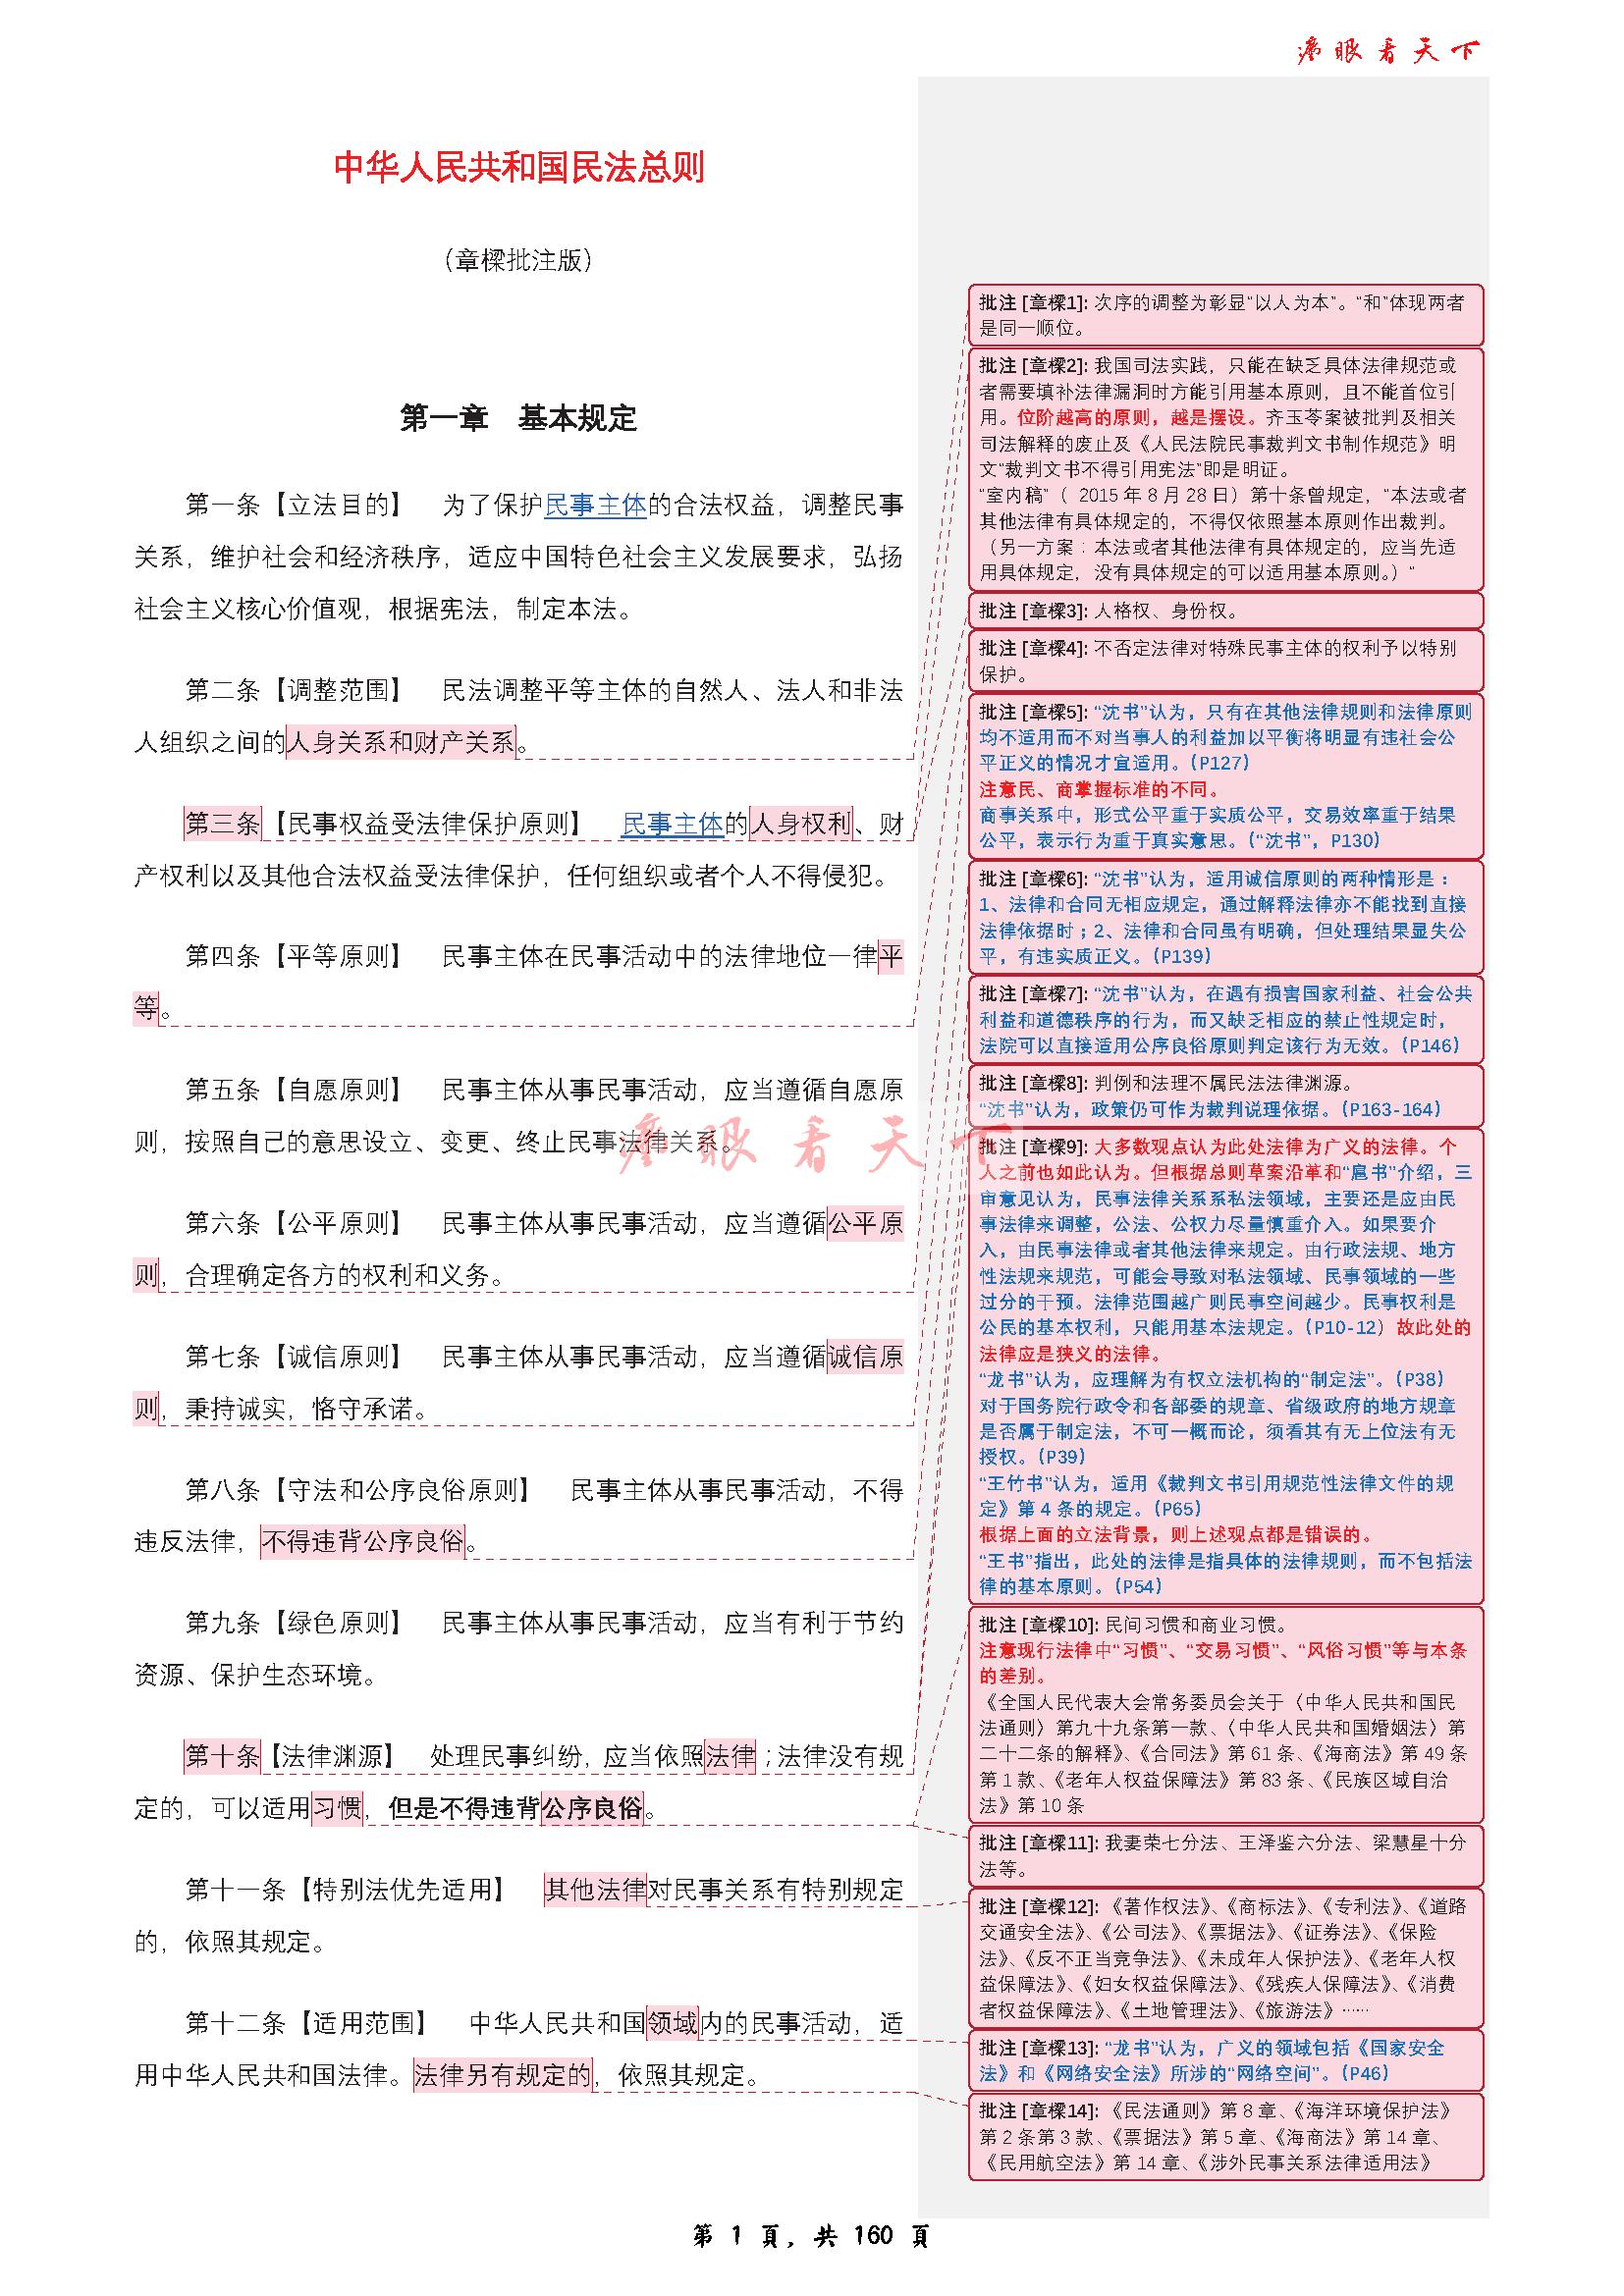 民法总则批注_页面_01.png